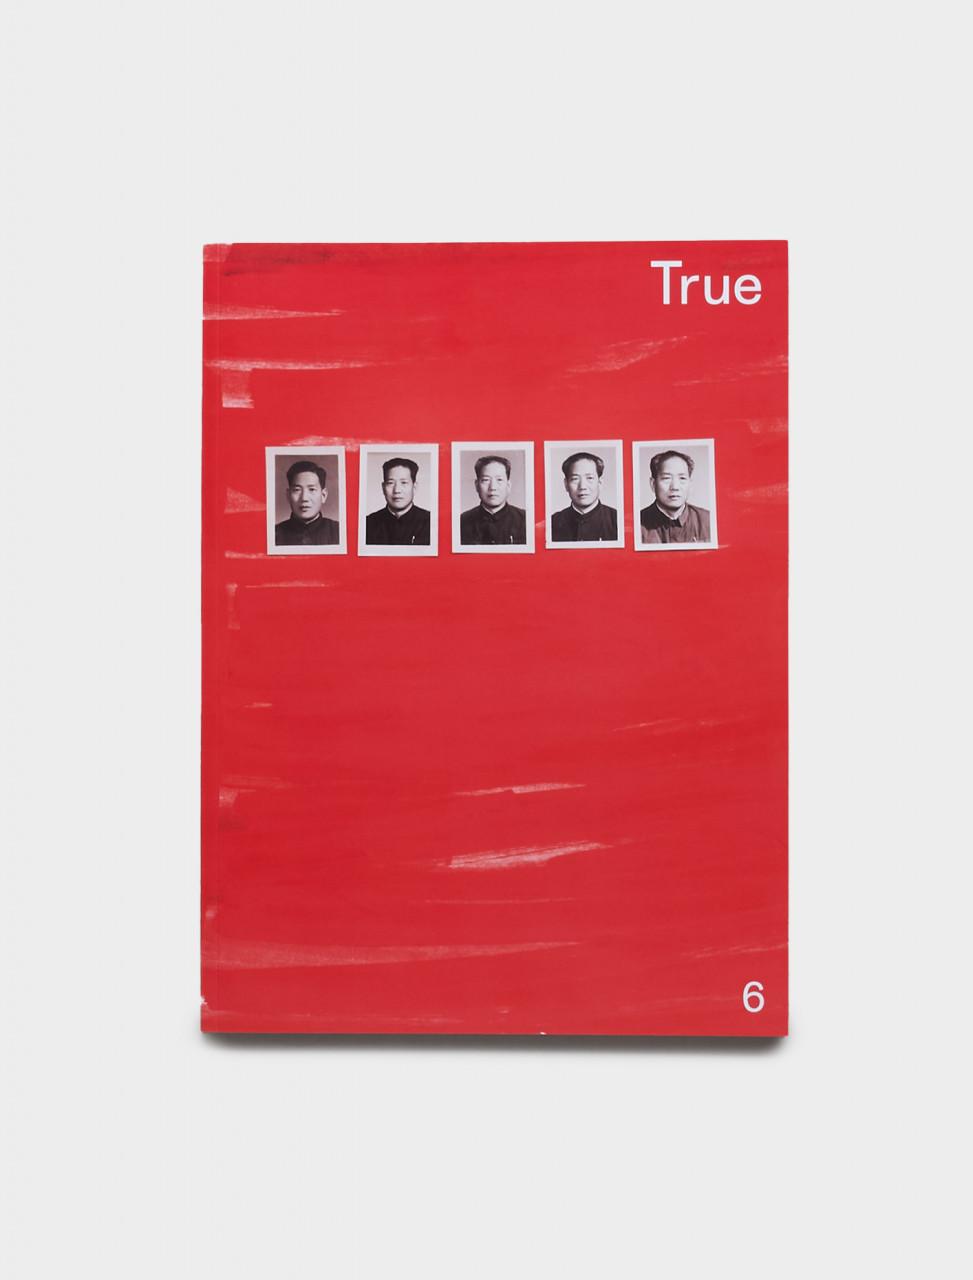 True Photo Journal Issue #6